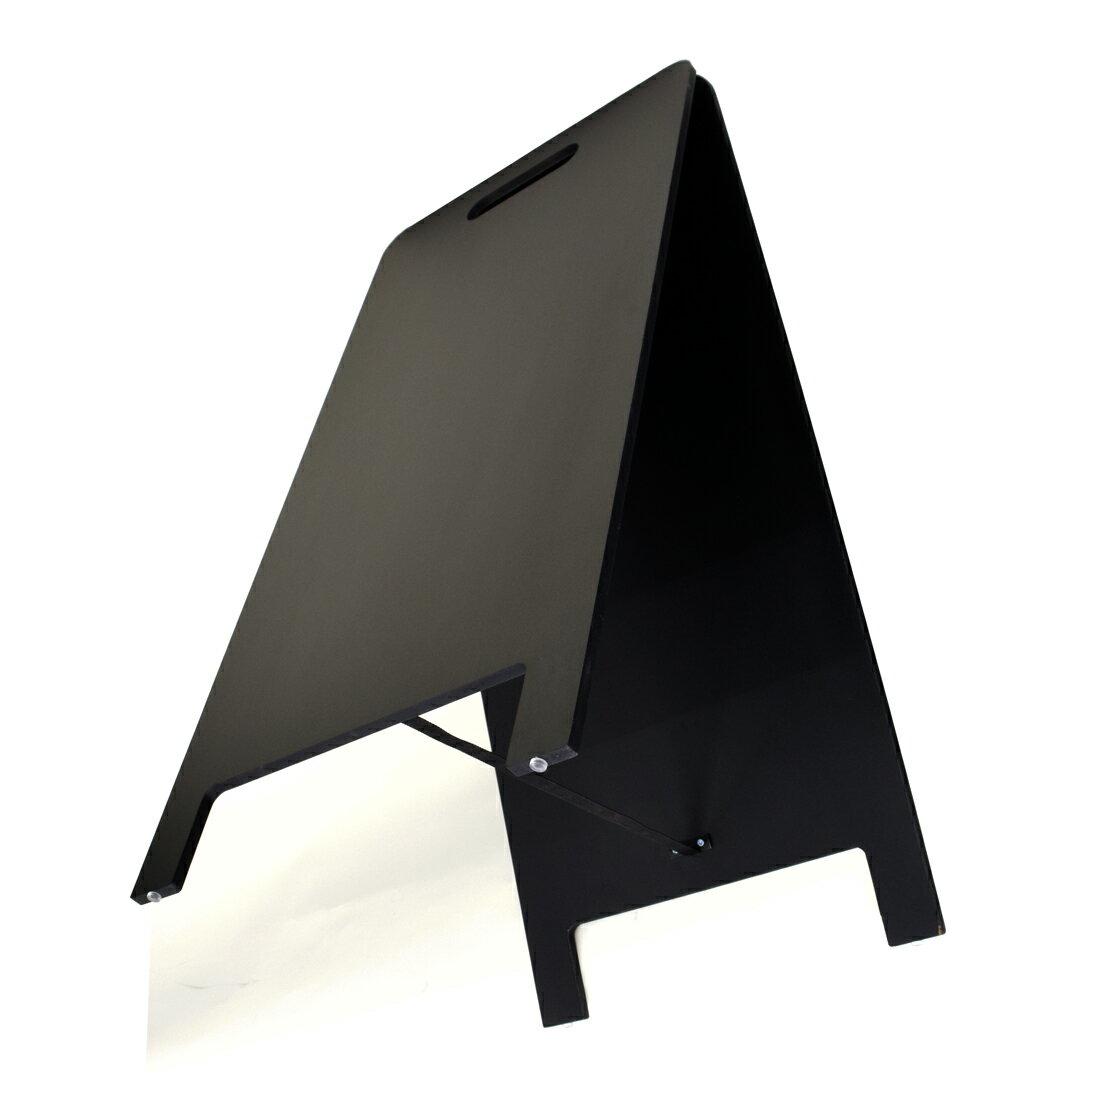 A型看板ブラックボードハンド式78Sマーカーチョーク|黒板看板 メニューボード インテリア  カフェ